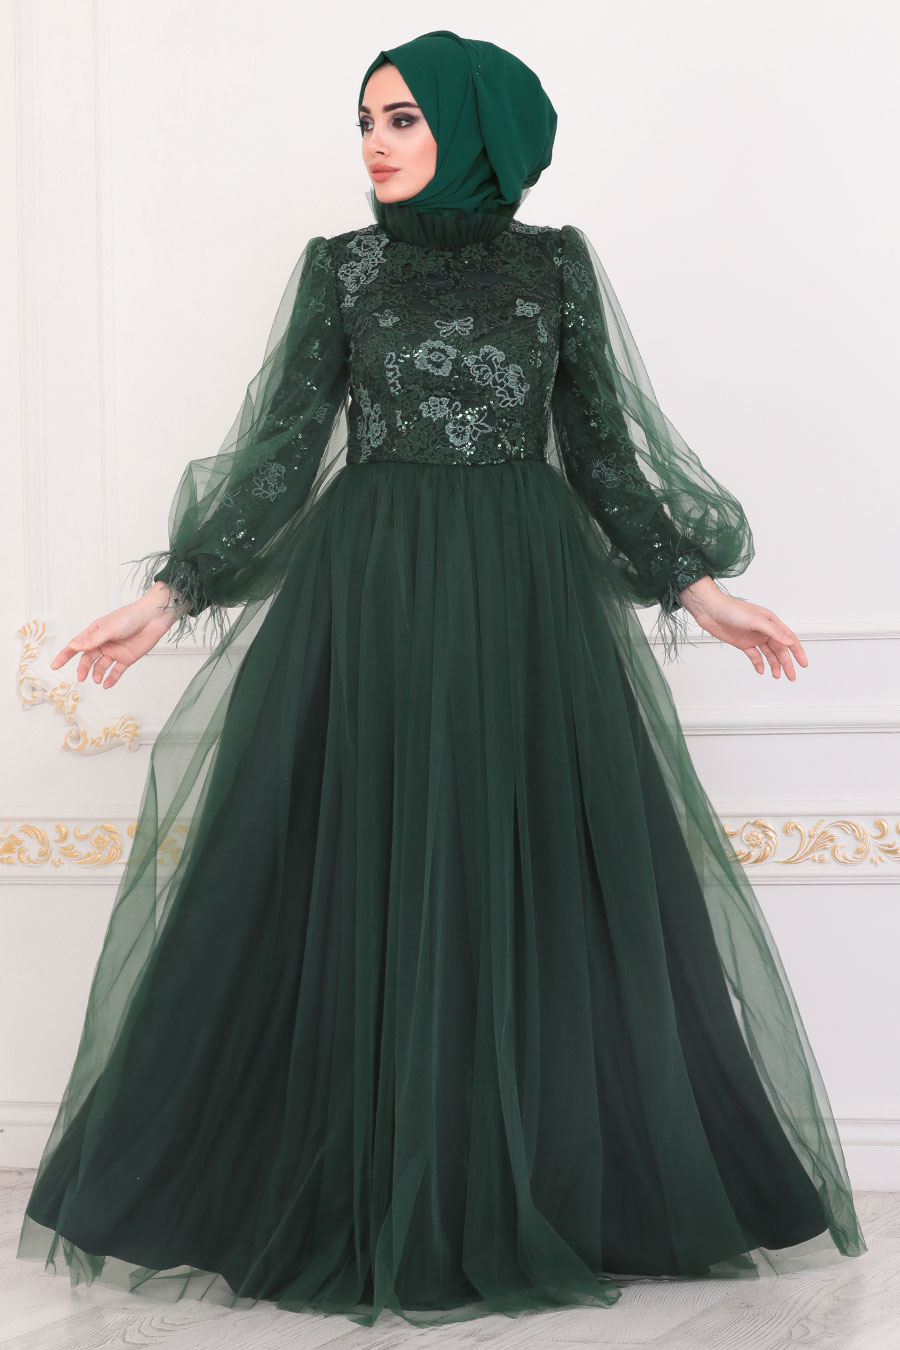 Tesettürlü Abiye Elbise - Dantel İşlemeli Yeşil Tesettür Abiye Elbise 4090Y